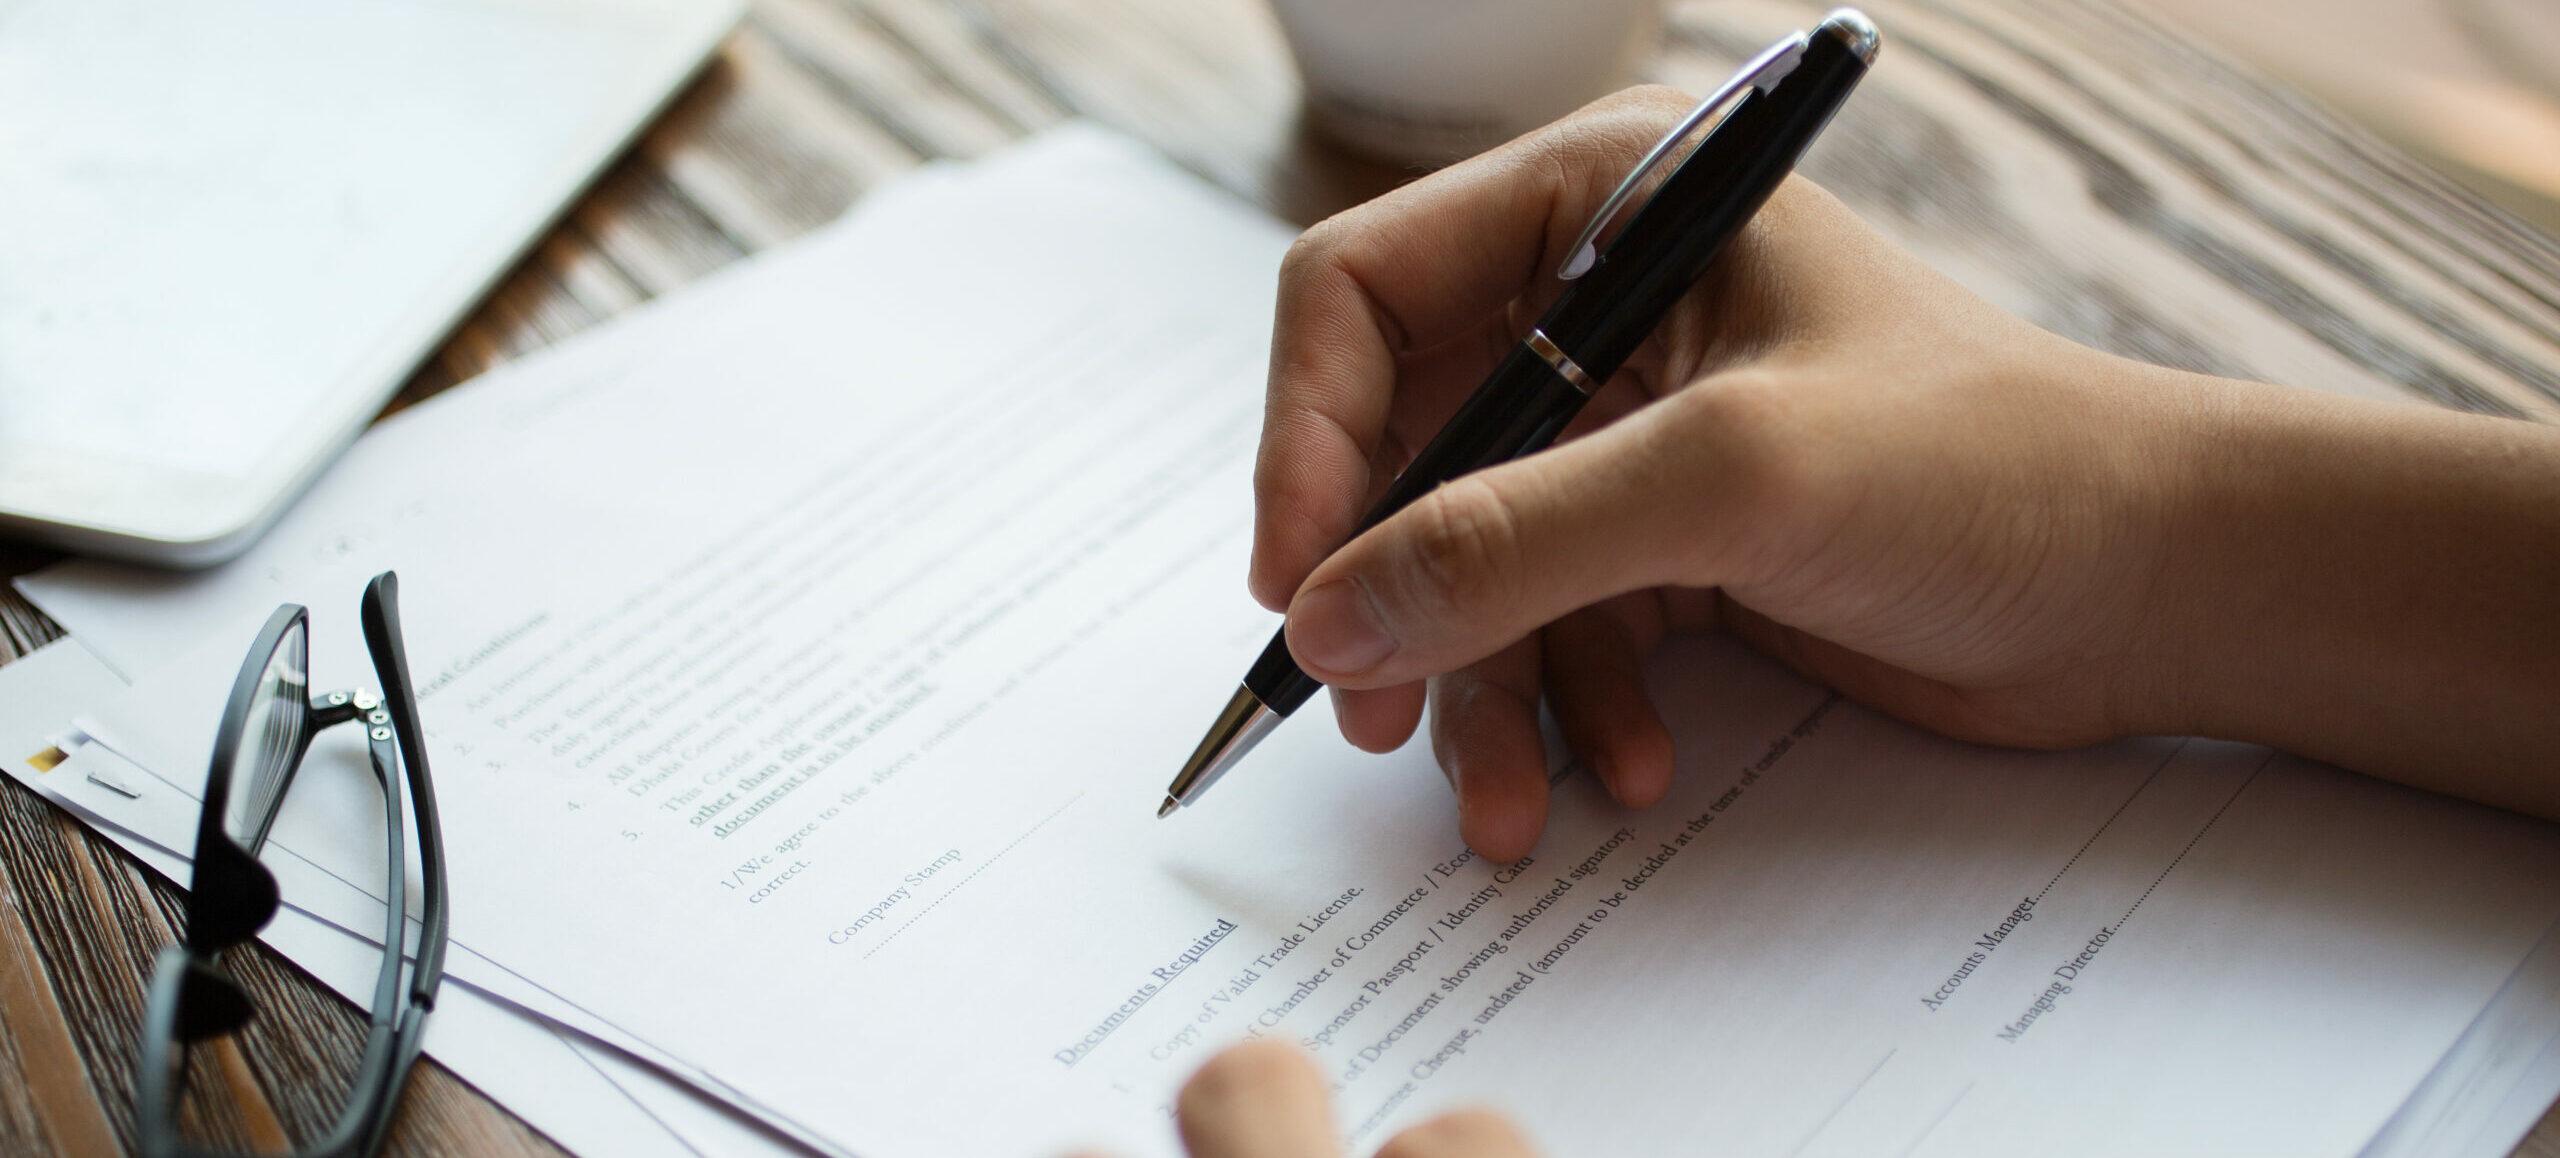 Online schade melden verzekering